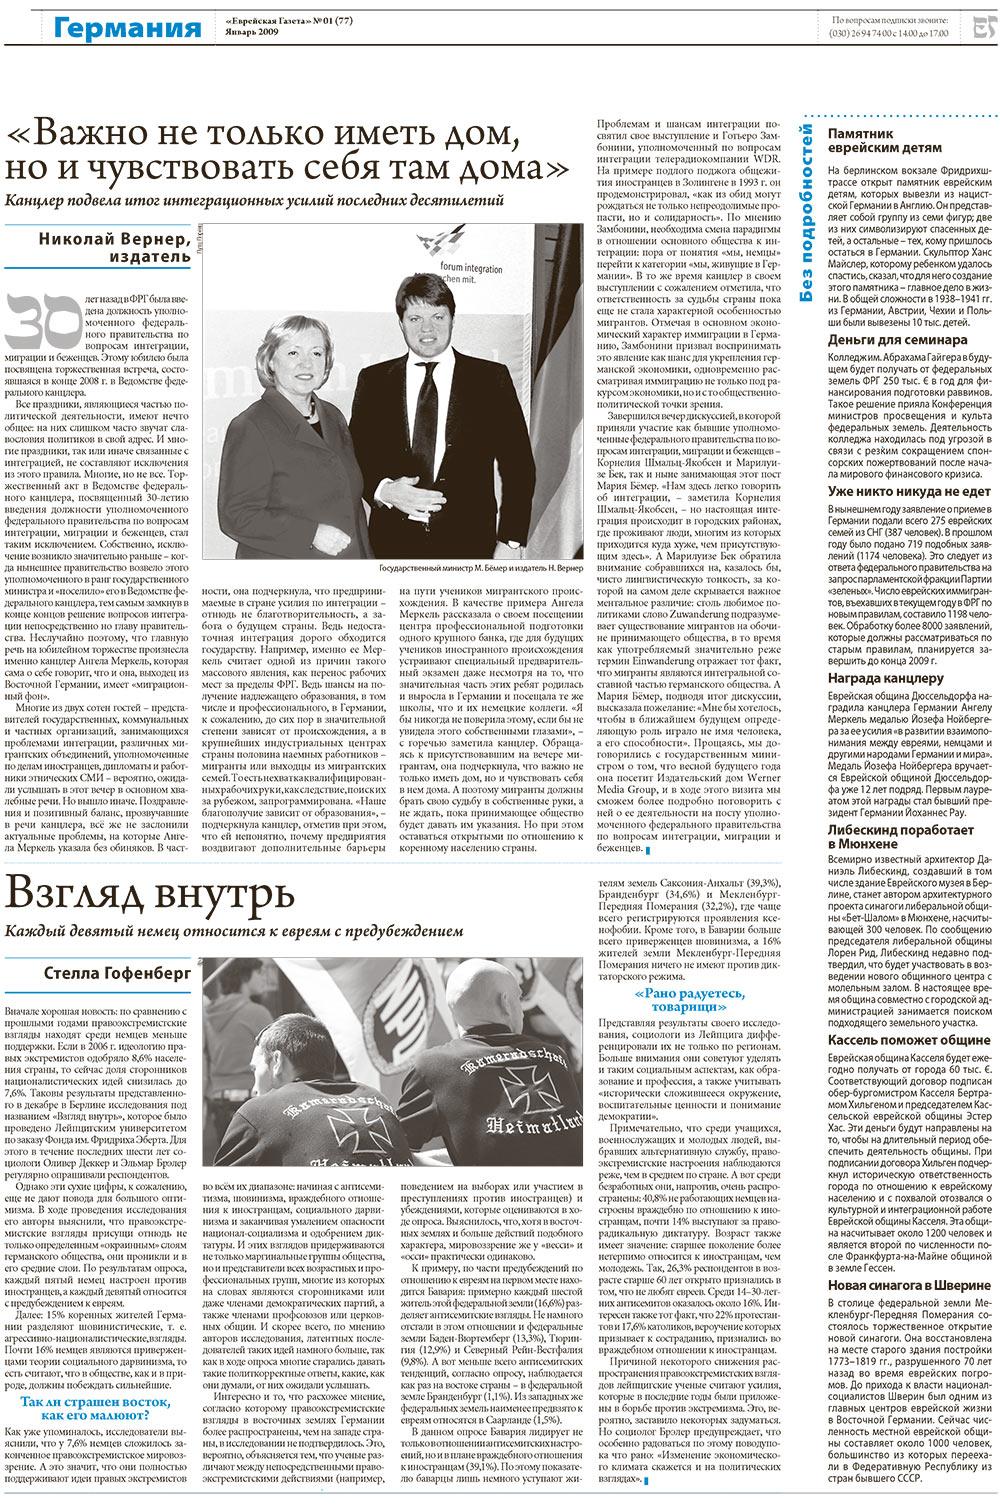 Еврейская газета (газета). 2009 год, номер 1, стр. 3